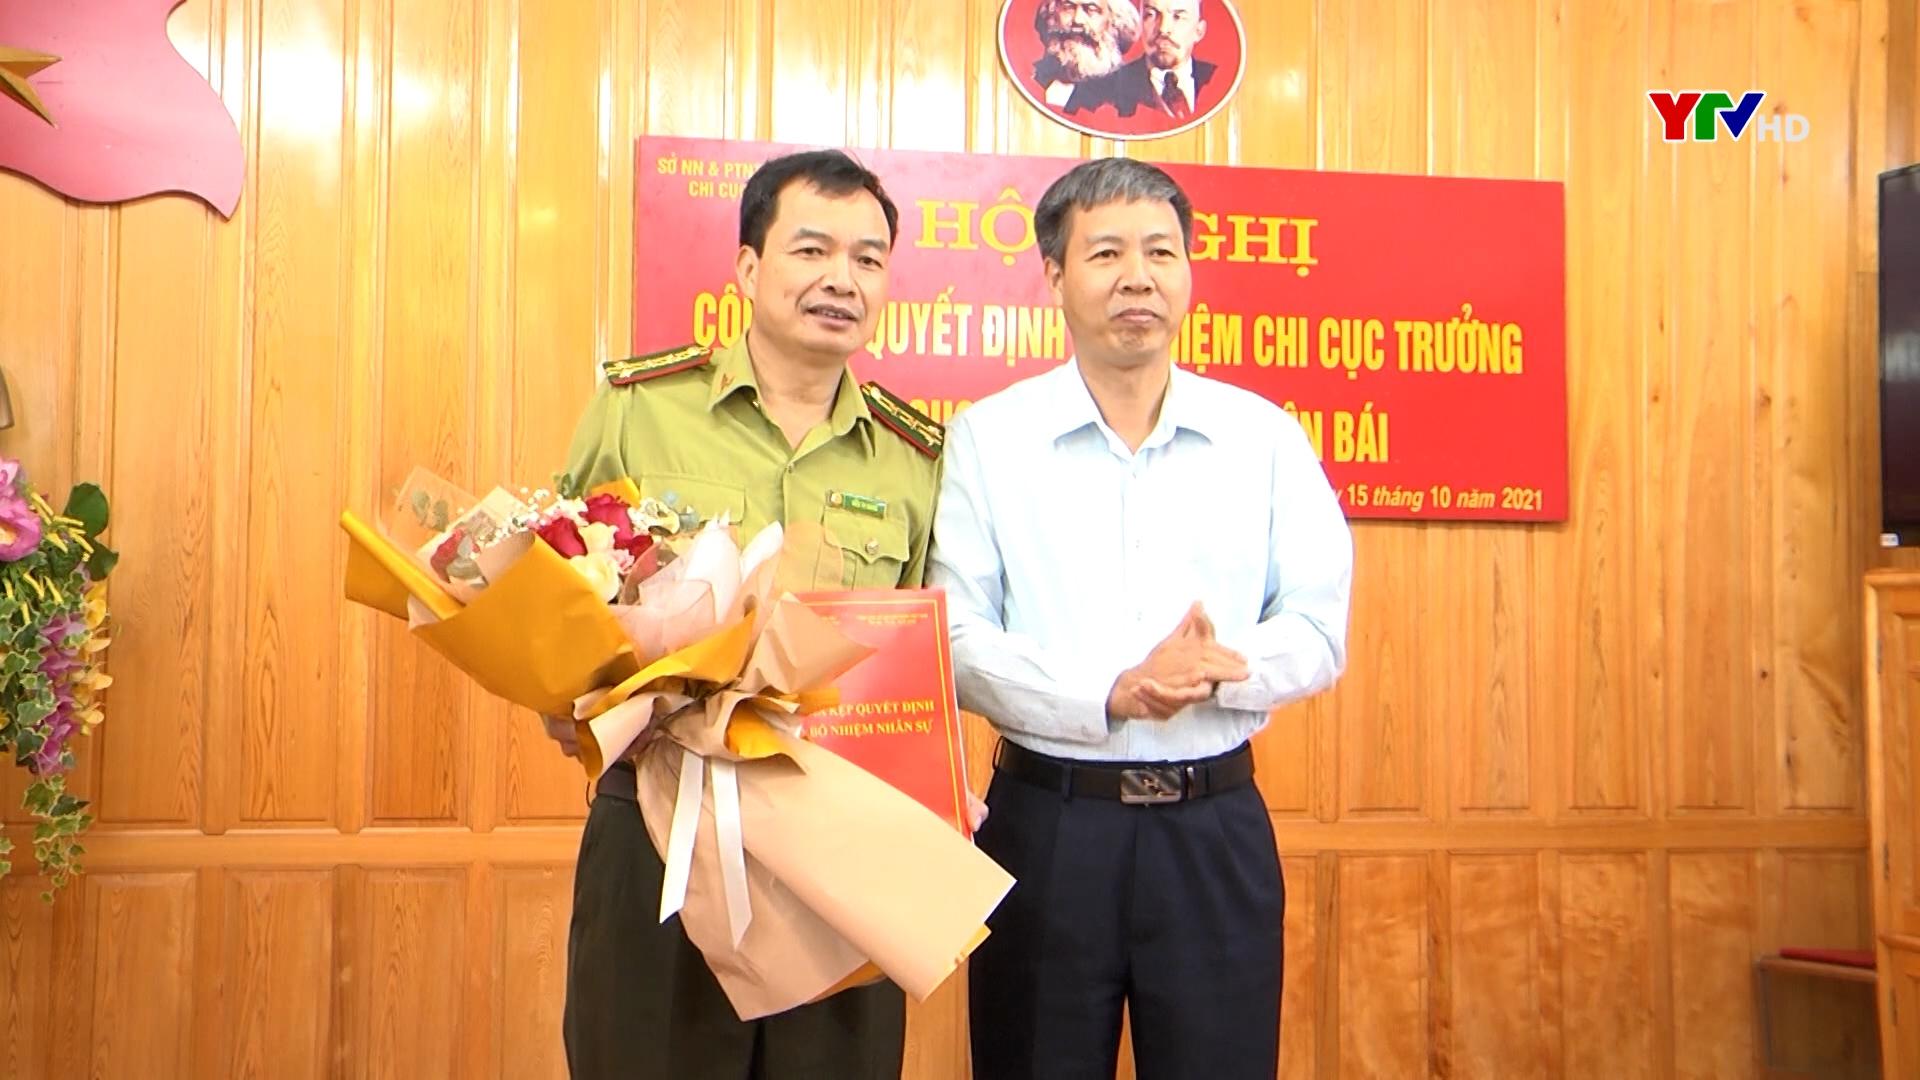 Đồng chí Kiều Tư Giang được bổ nhiệm giữ chức Chi cục trưởng Chi cục Kiểm lâm tỉnh Yên Bái